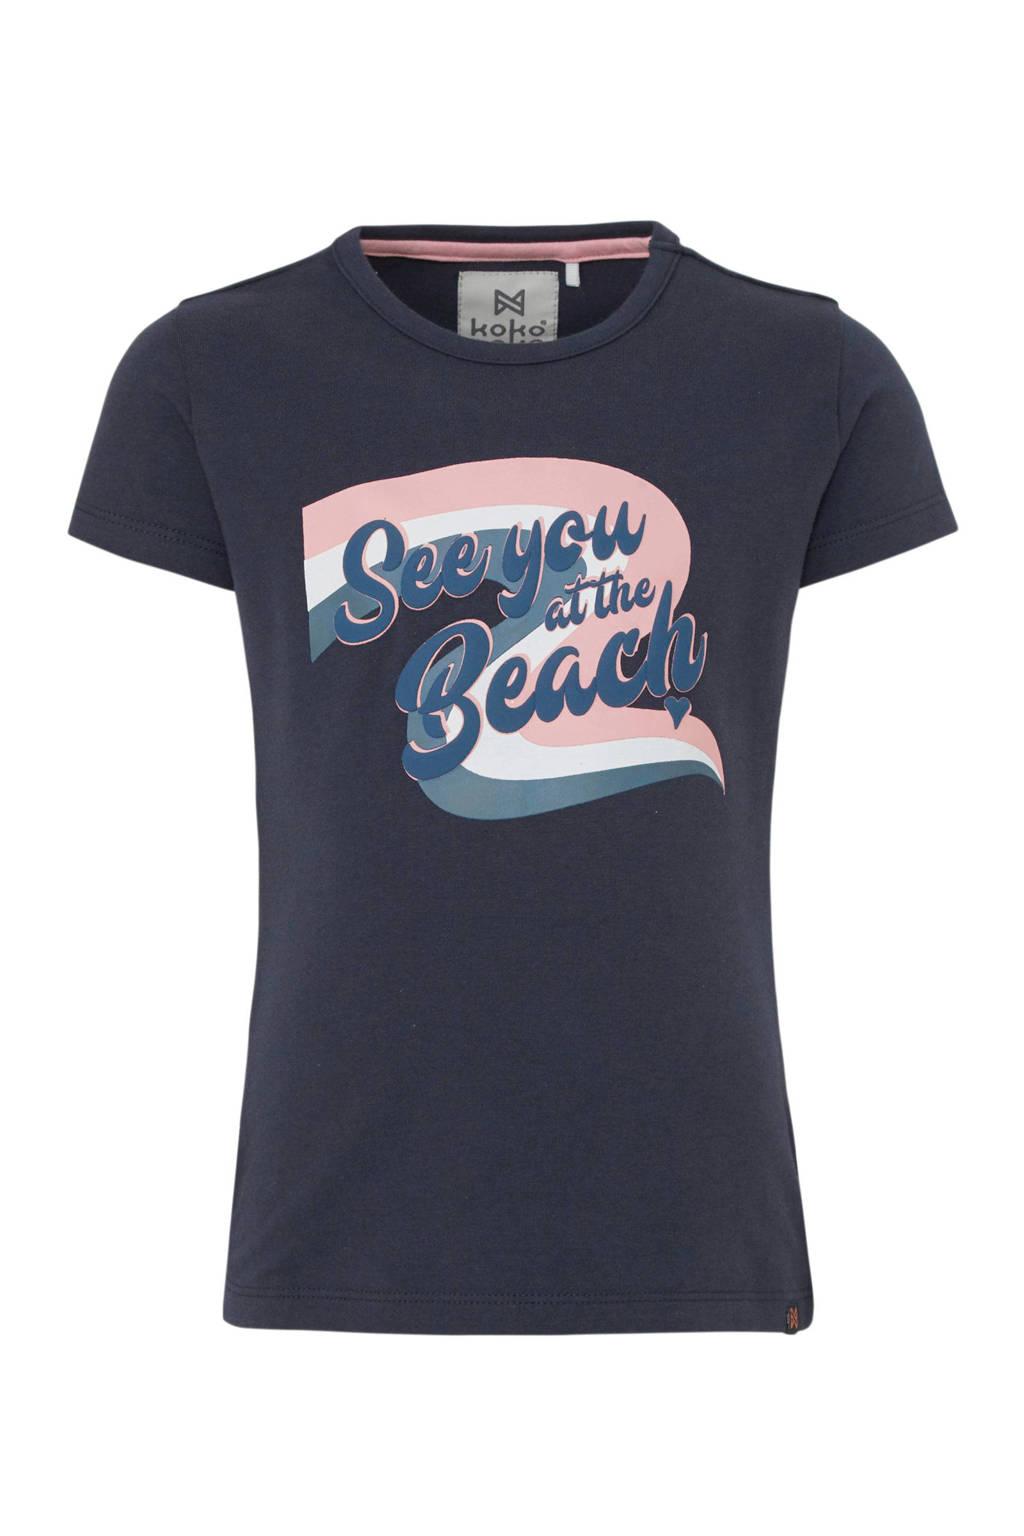 Koko Noko T-shirt met printopdruk antraciet/blauw/lichtroze, Antraciet/blauw/lichtroze